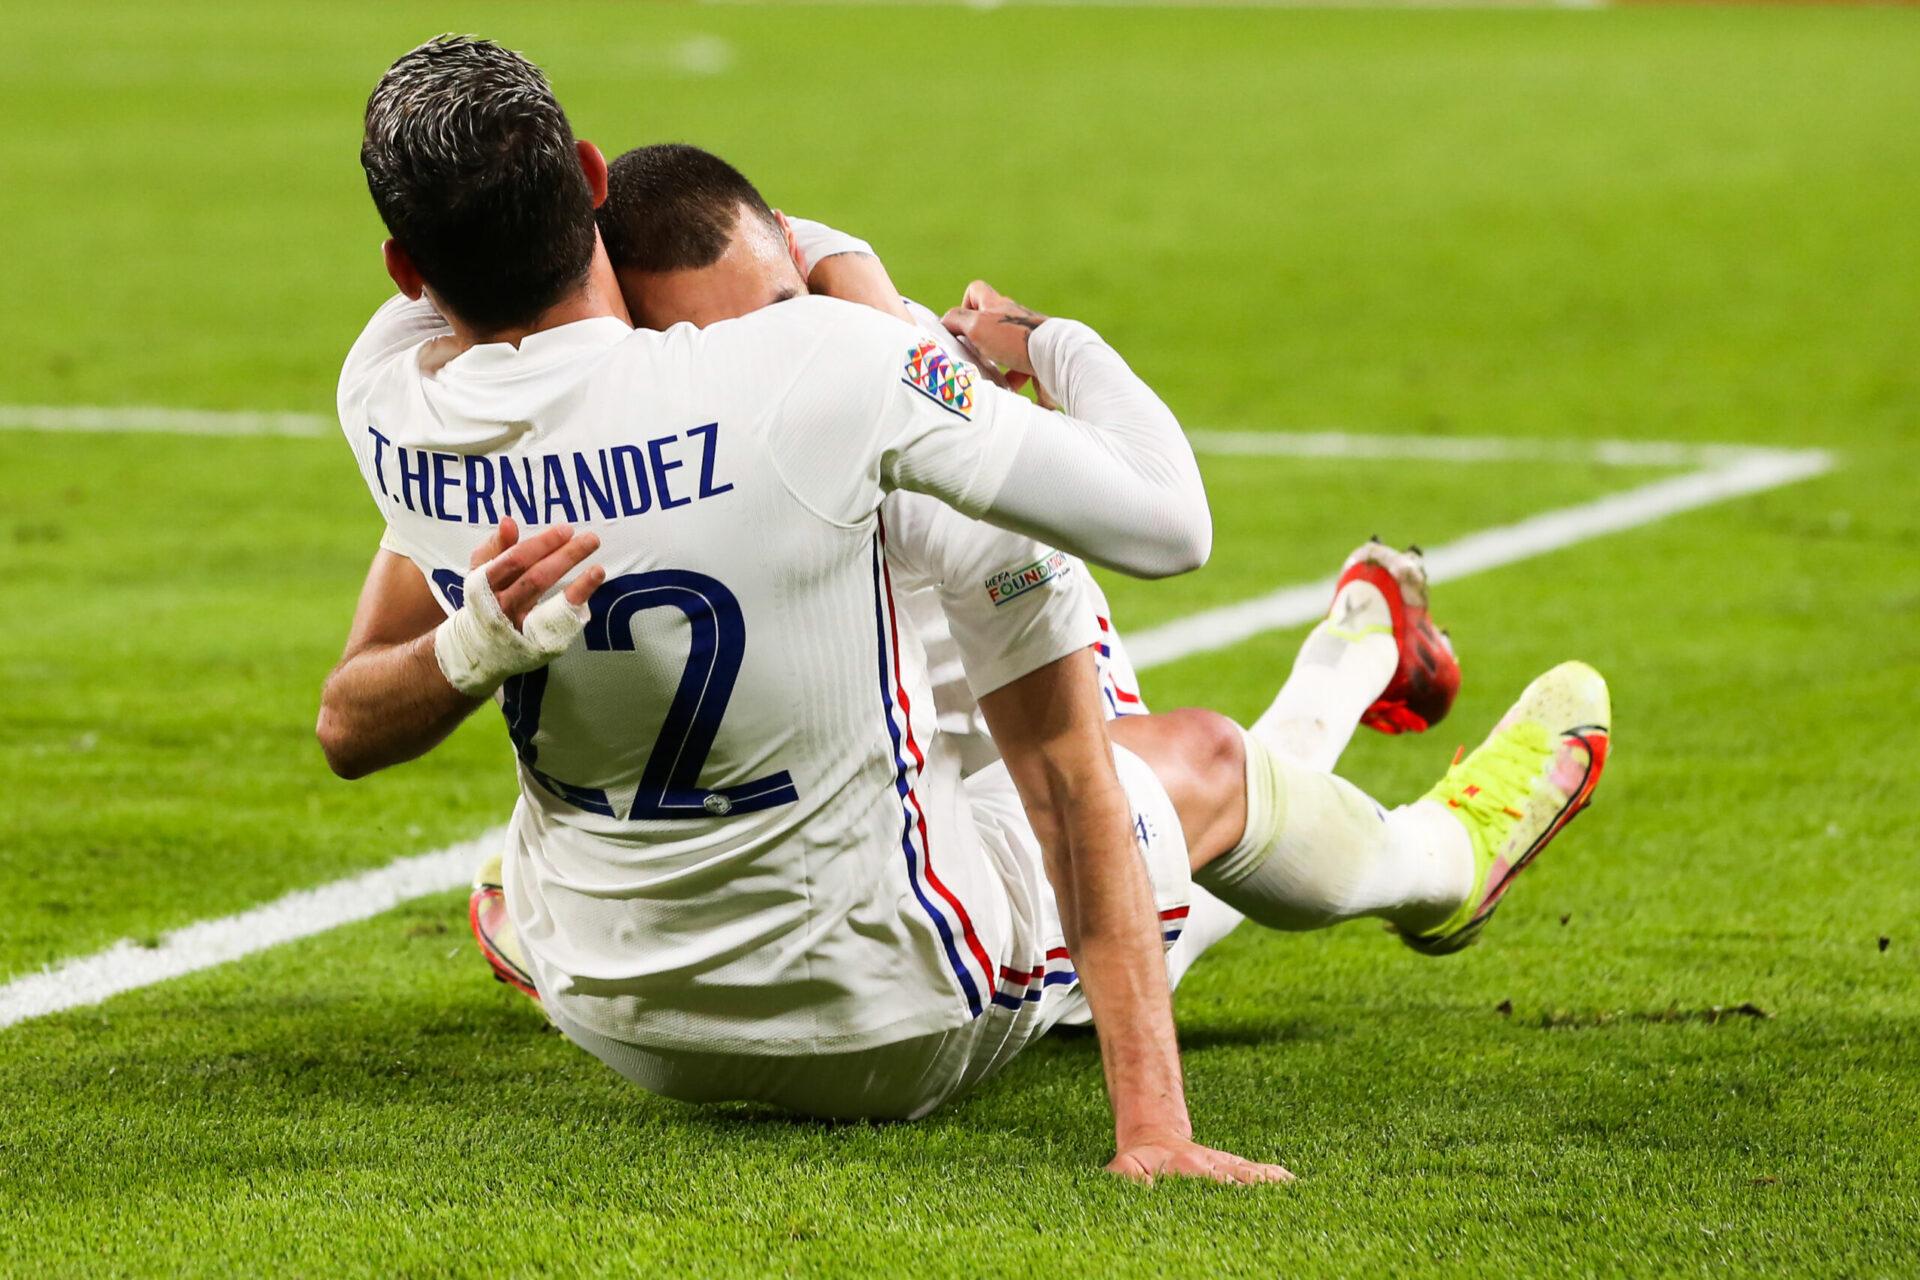 Théo Hernandez a donné la victoire à l'équipe de France dans les ultimes minutes de la rencontre face à la Belgique. Icon Sport